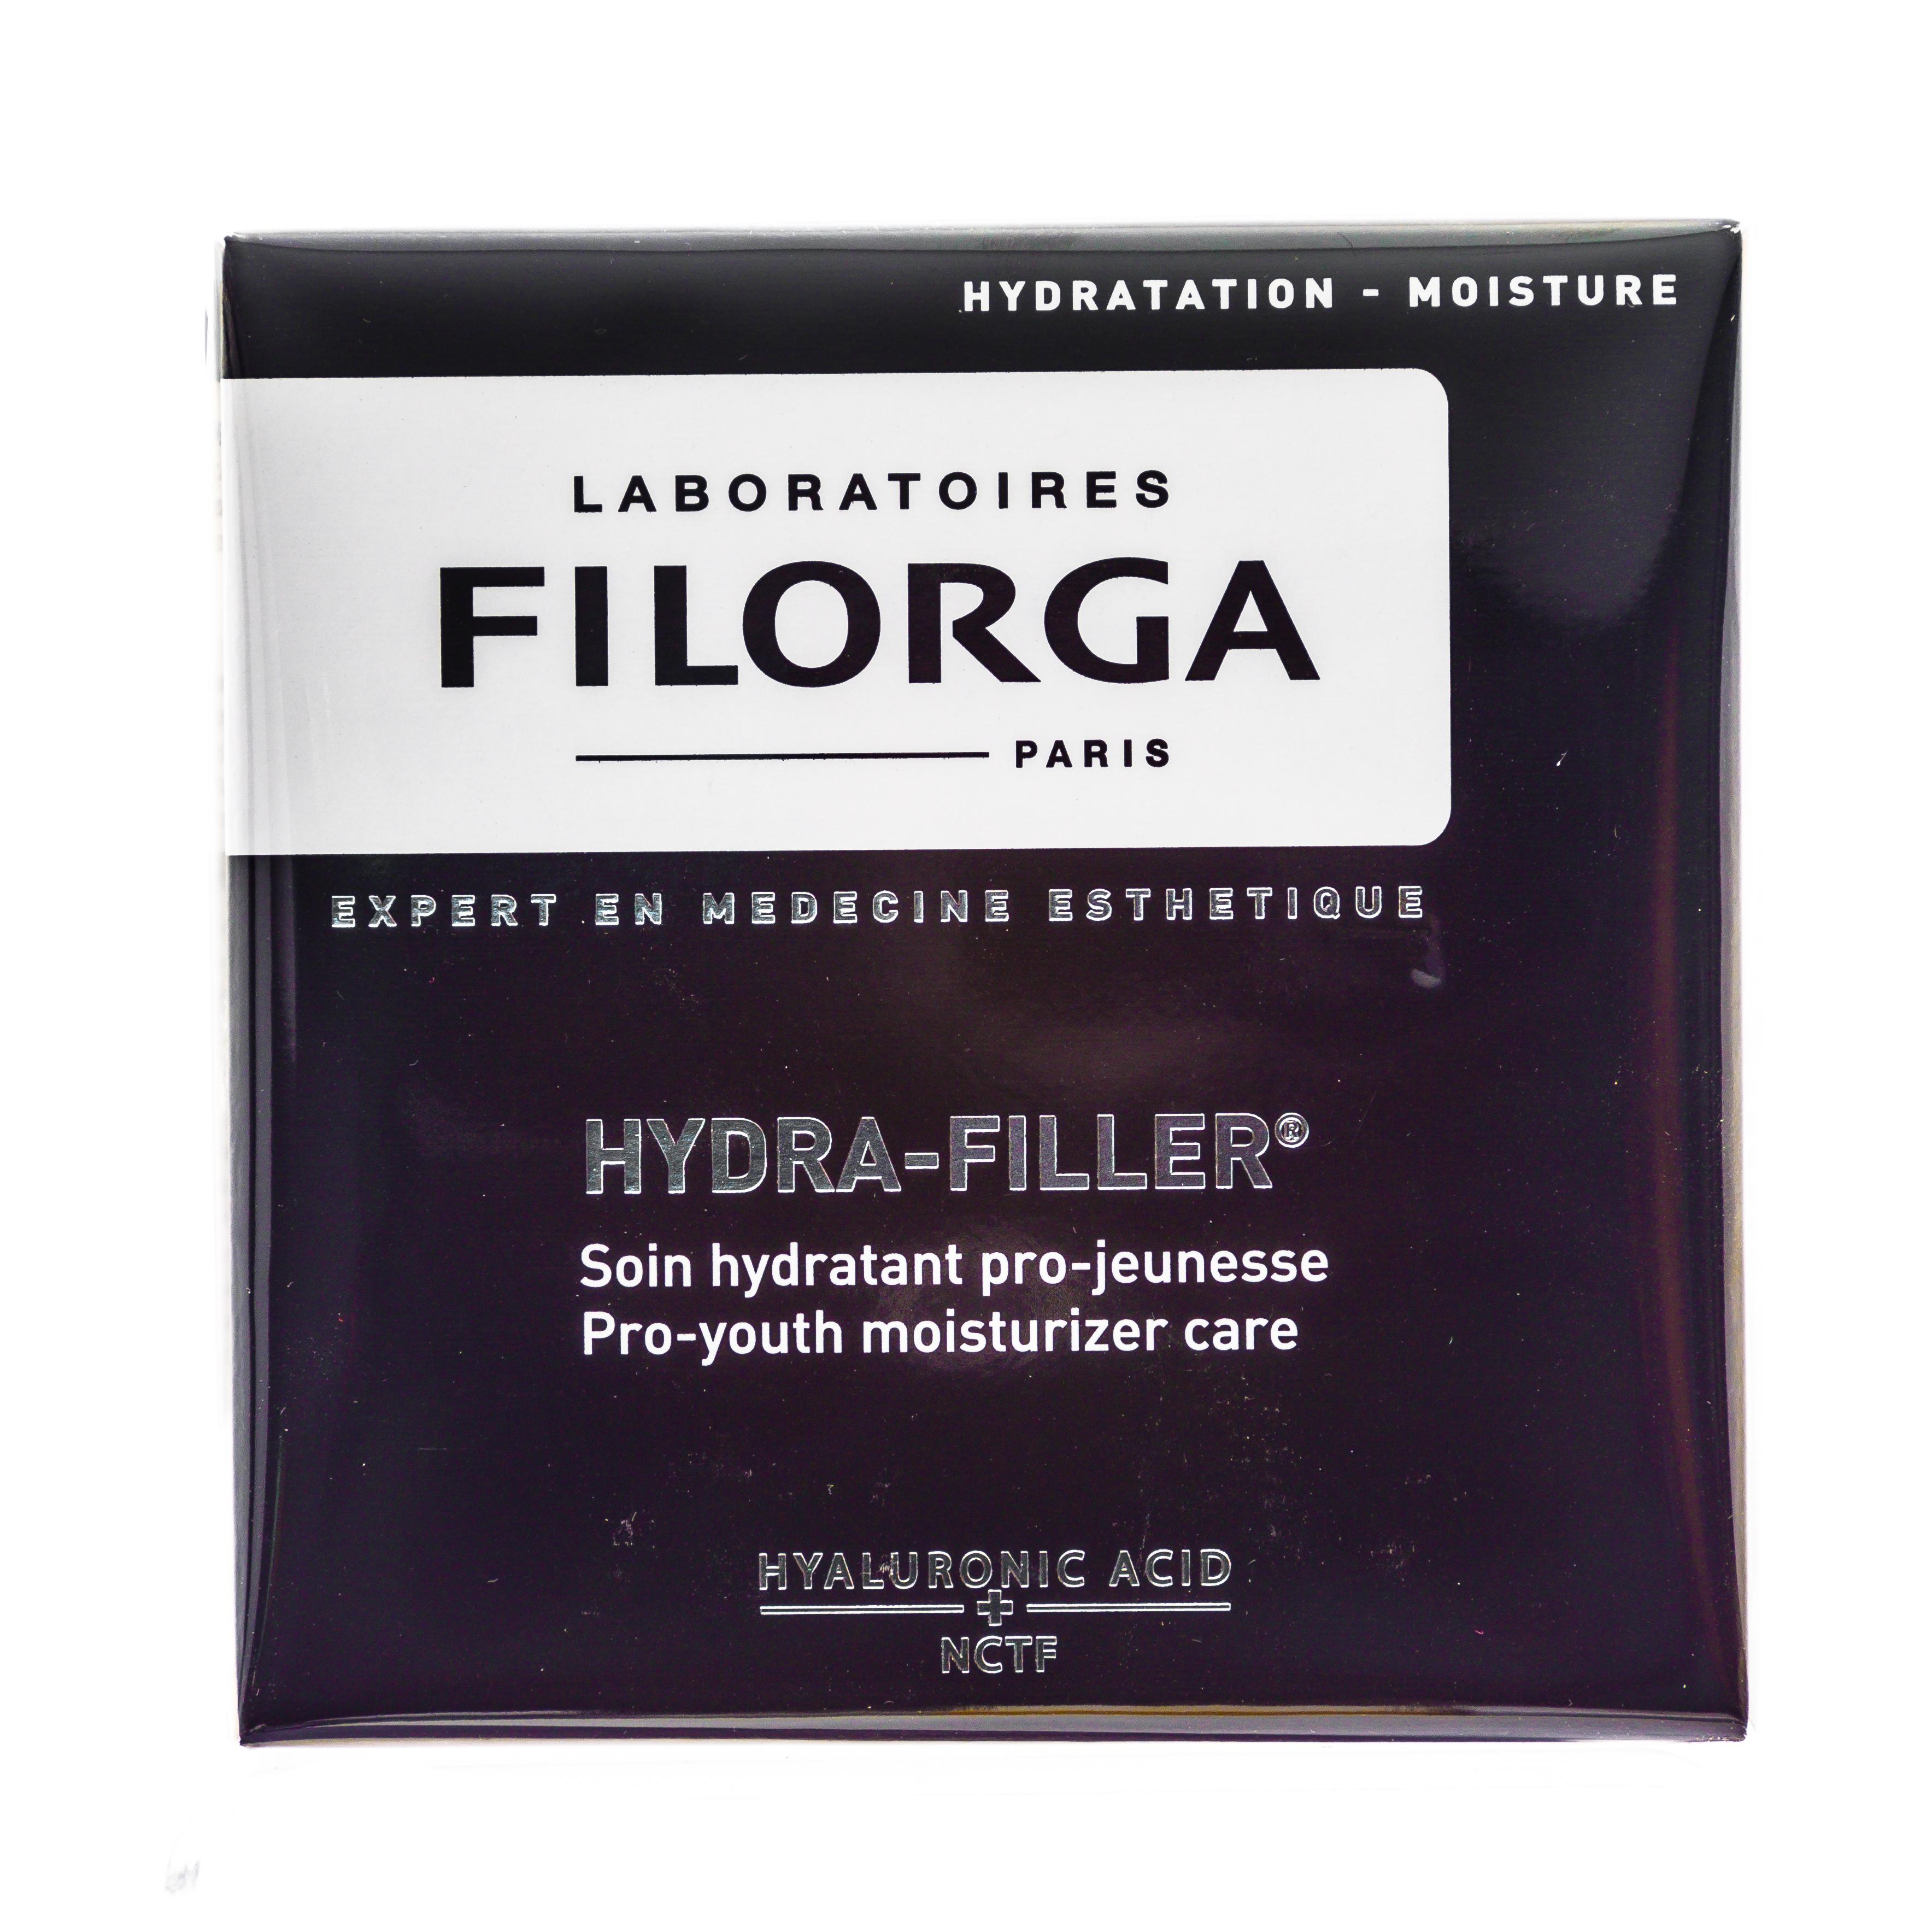 hydra filler filorga отзывы